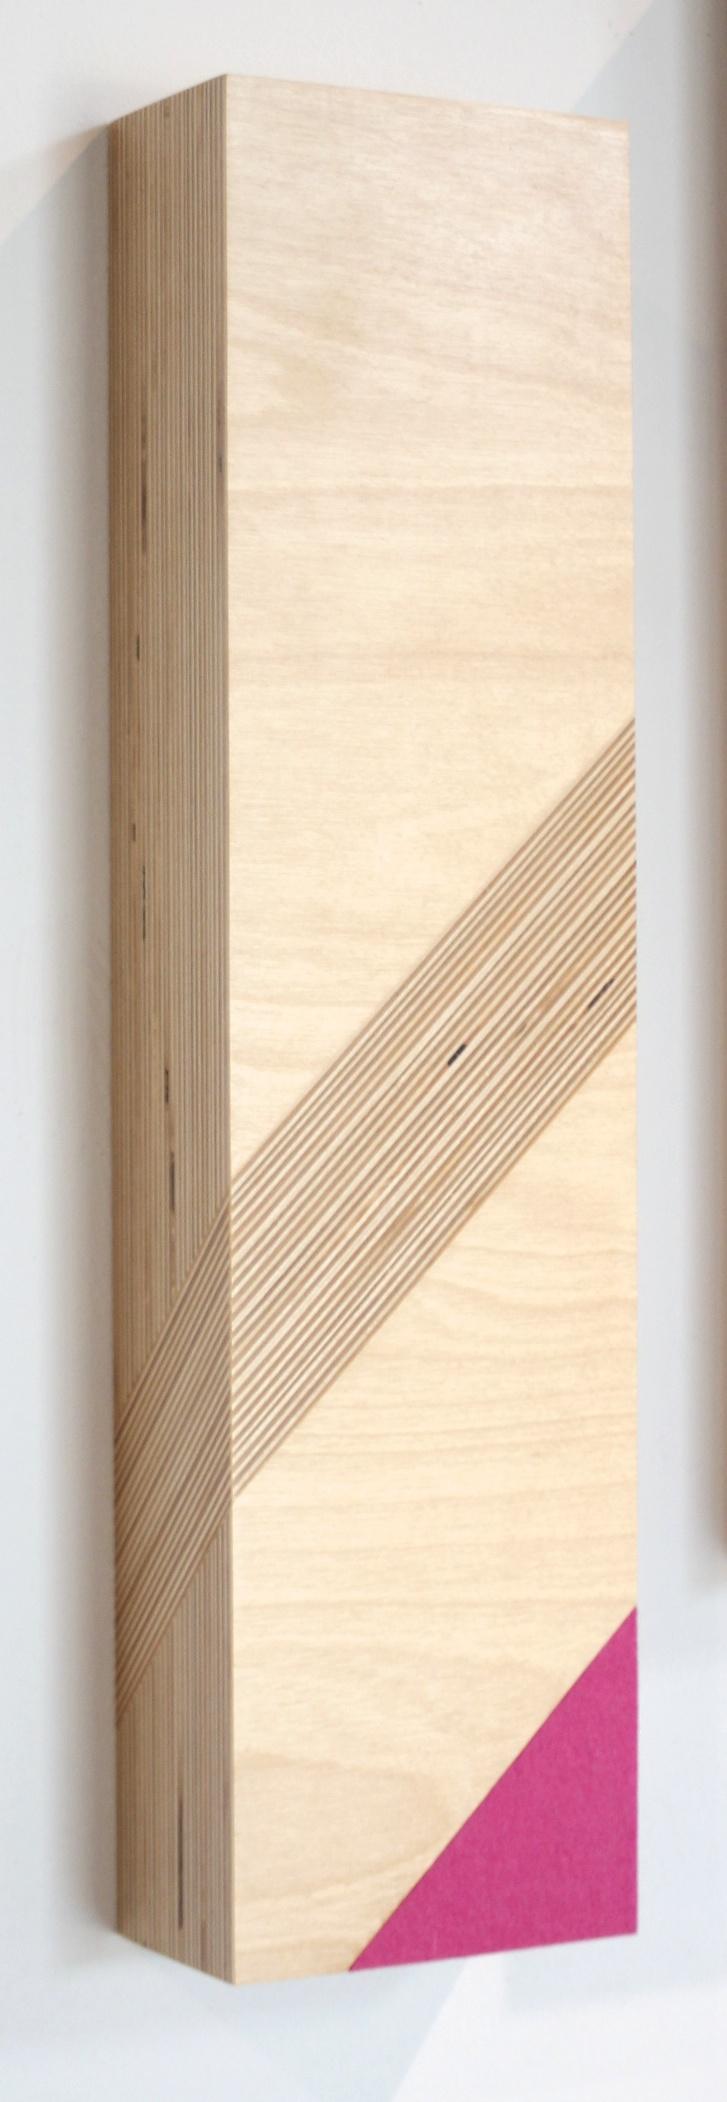 Diagonal Block 1, 2012